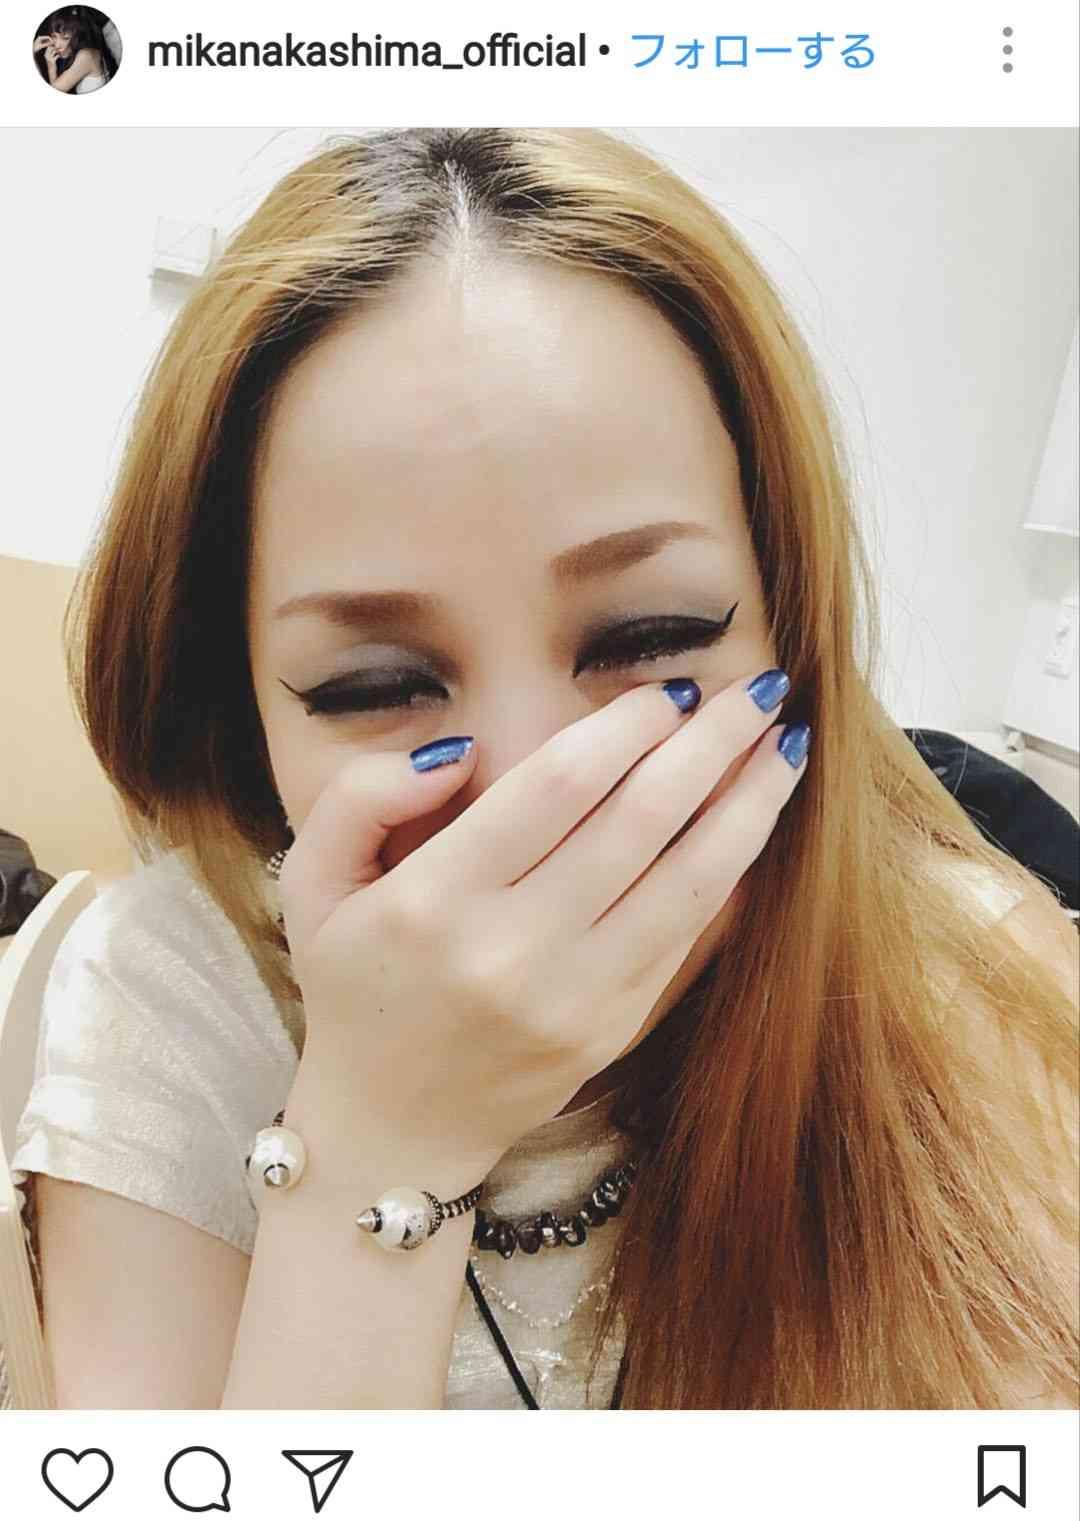 """中島美嘉「スッピン可愛い」「超美肌」""""オフの日""""自撮りショットに反響"""